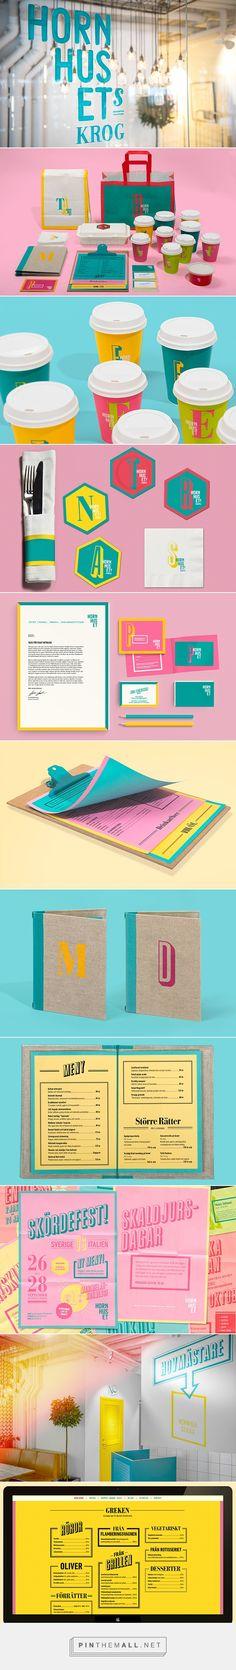 Hornhuset Branding on Behance | Fivestar Branding – Design and Branding Agency & Inspiration Gallery